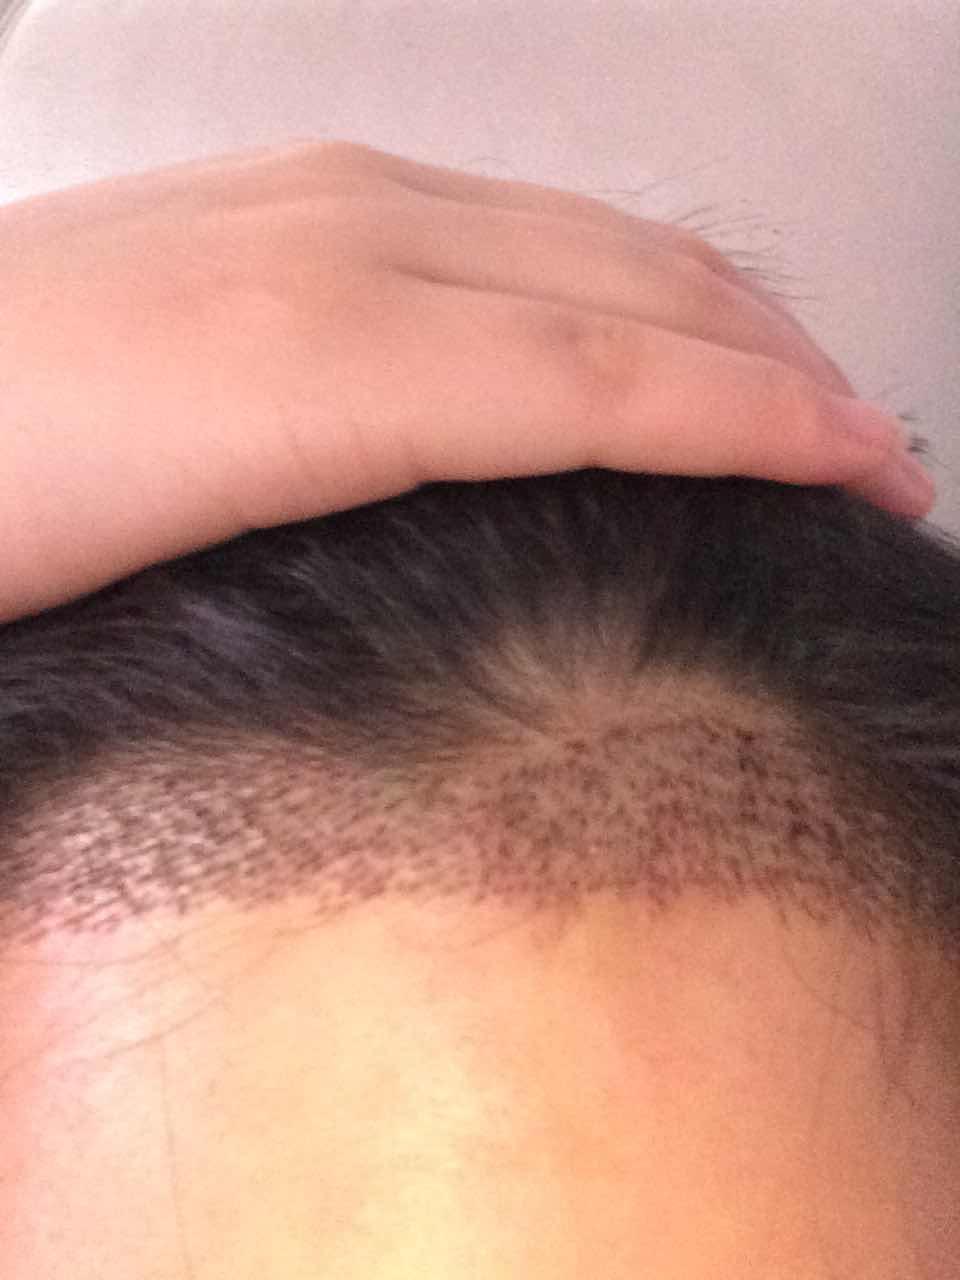 毛发移植多长时间能长出来,最近做的发际线移植,效果还可以吧